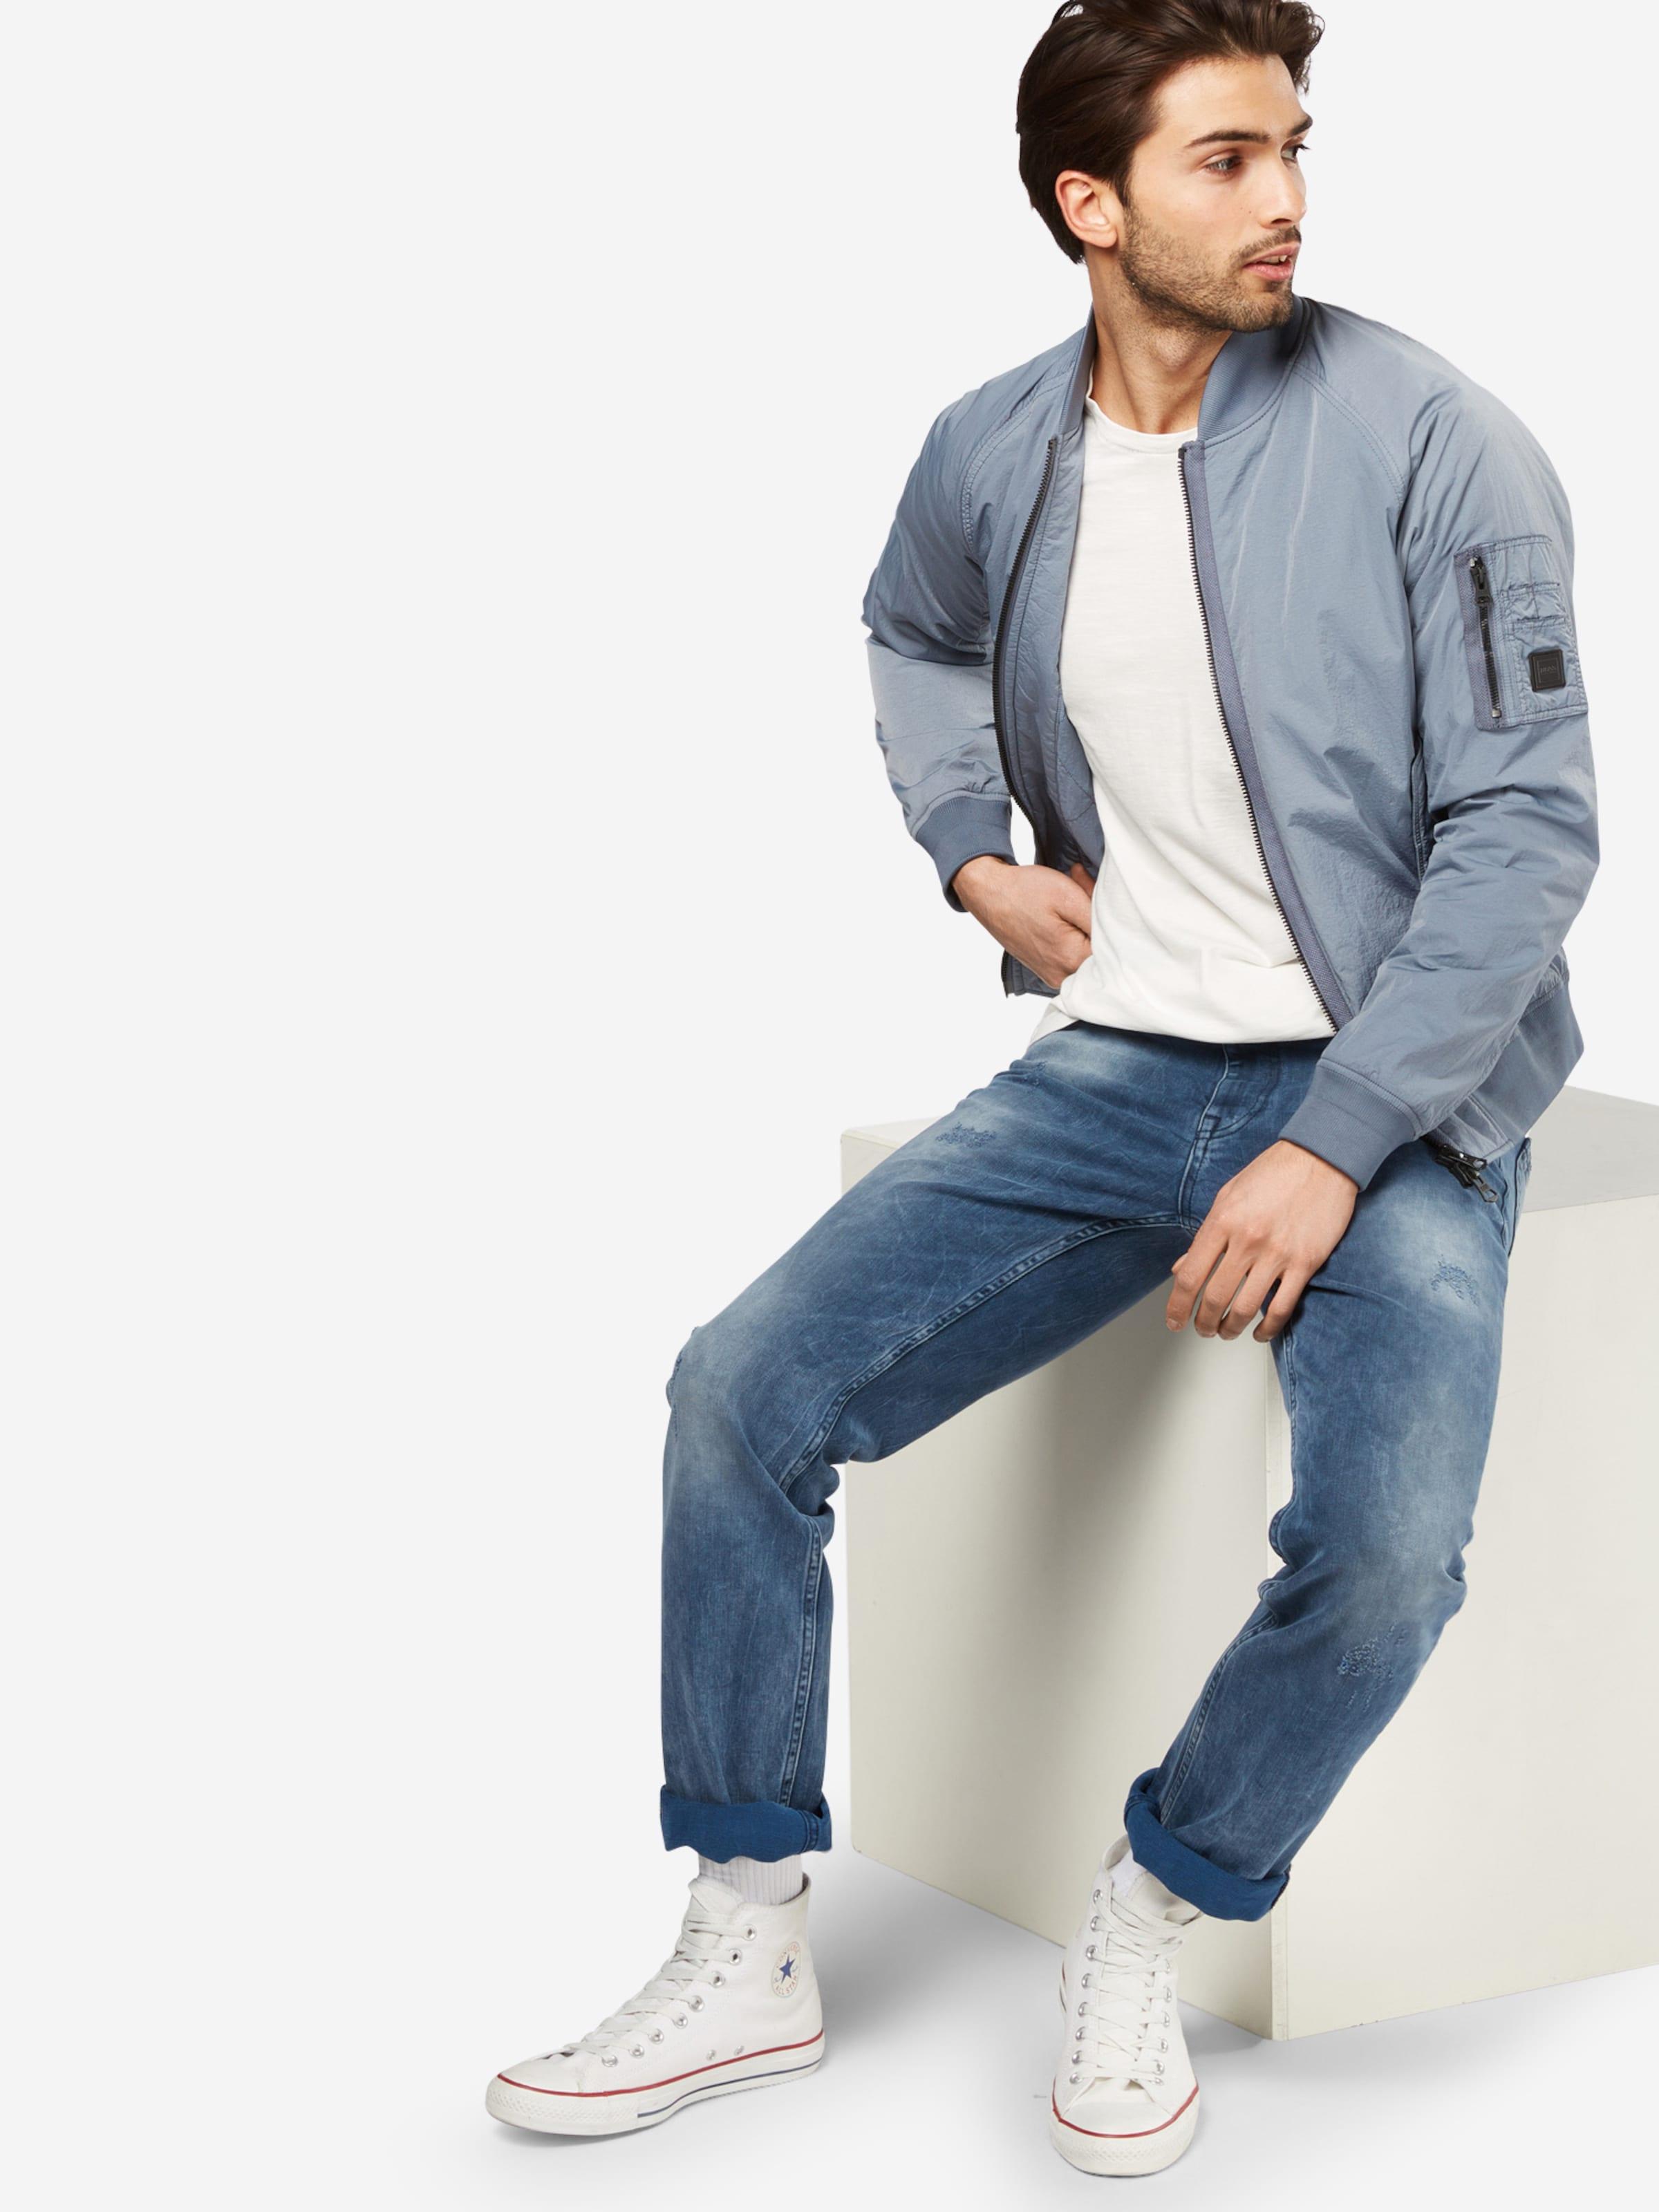 BOSS T-Shirt 'Troop' Austrittsspeicherstellen Billig Verkauf Bestes Geschäft Zu Bekommen Billiges Countdown-Paket Sehr Günstiger Preis DBHP18DYS